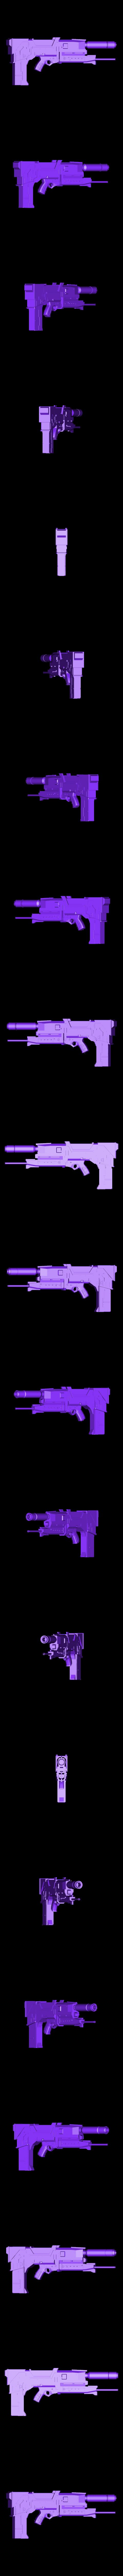 PHASED_PLASMA_RIFLE_v4.stl Télécharger fichier STL gratuit Rifle à plasma progressif dans la gamme de 40 watts (Terminator) • Design à imprimer en 3D, VillainousPropShop